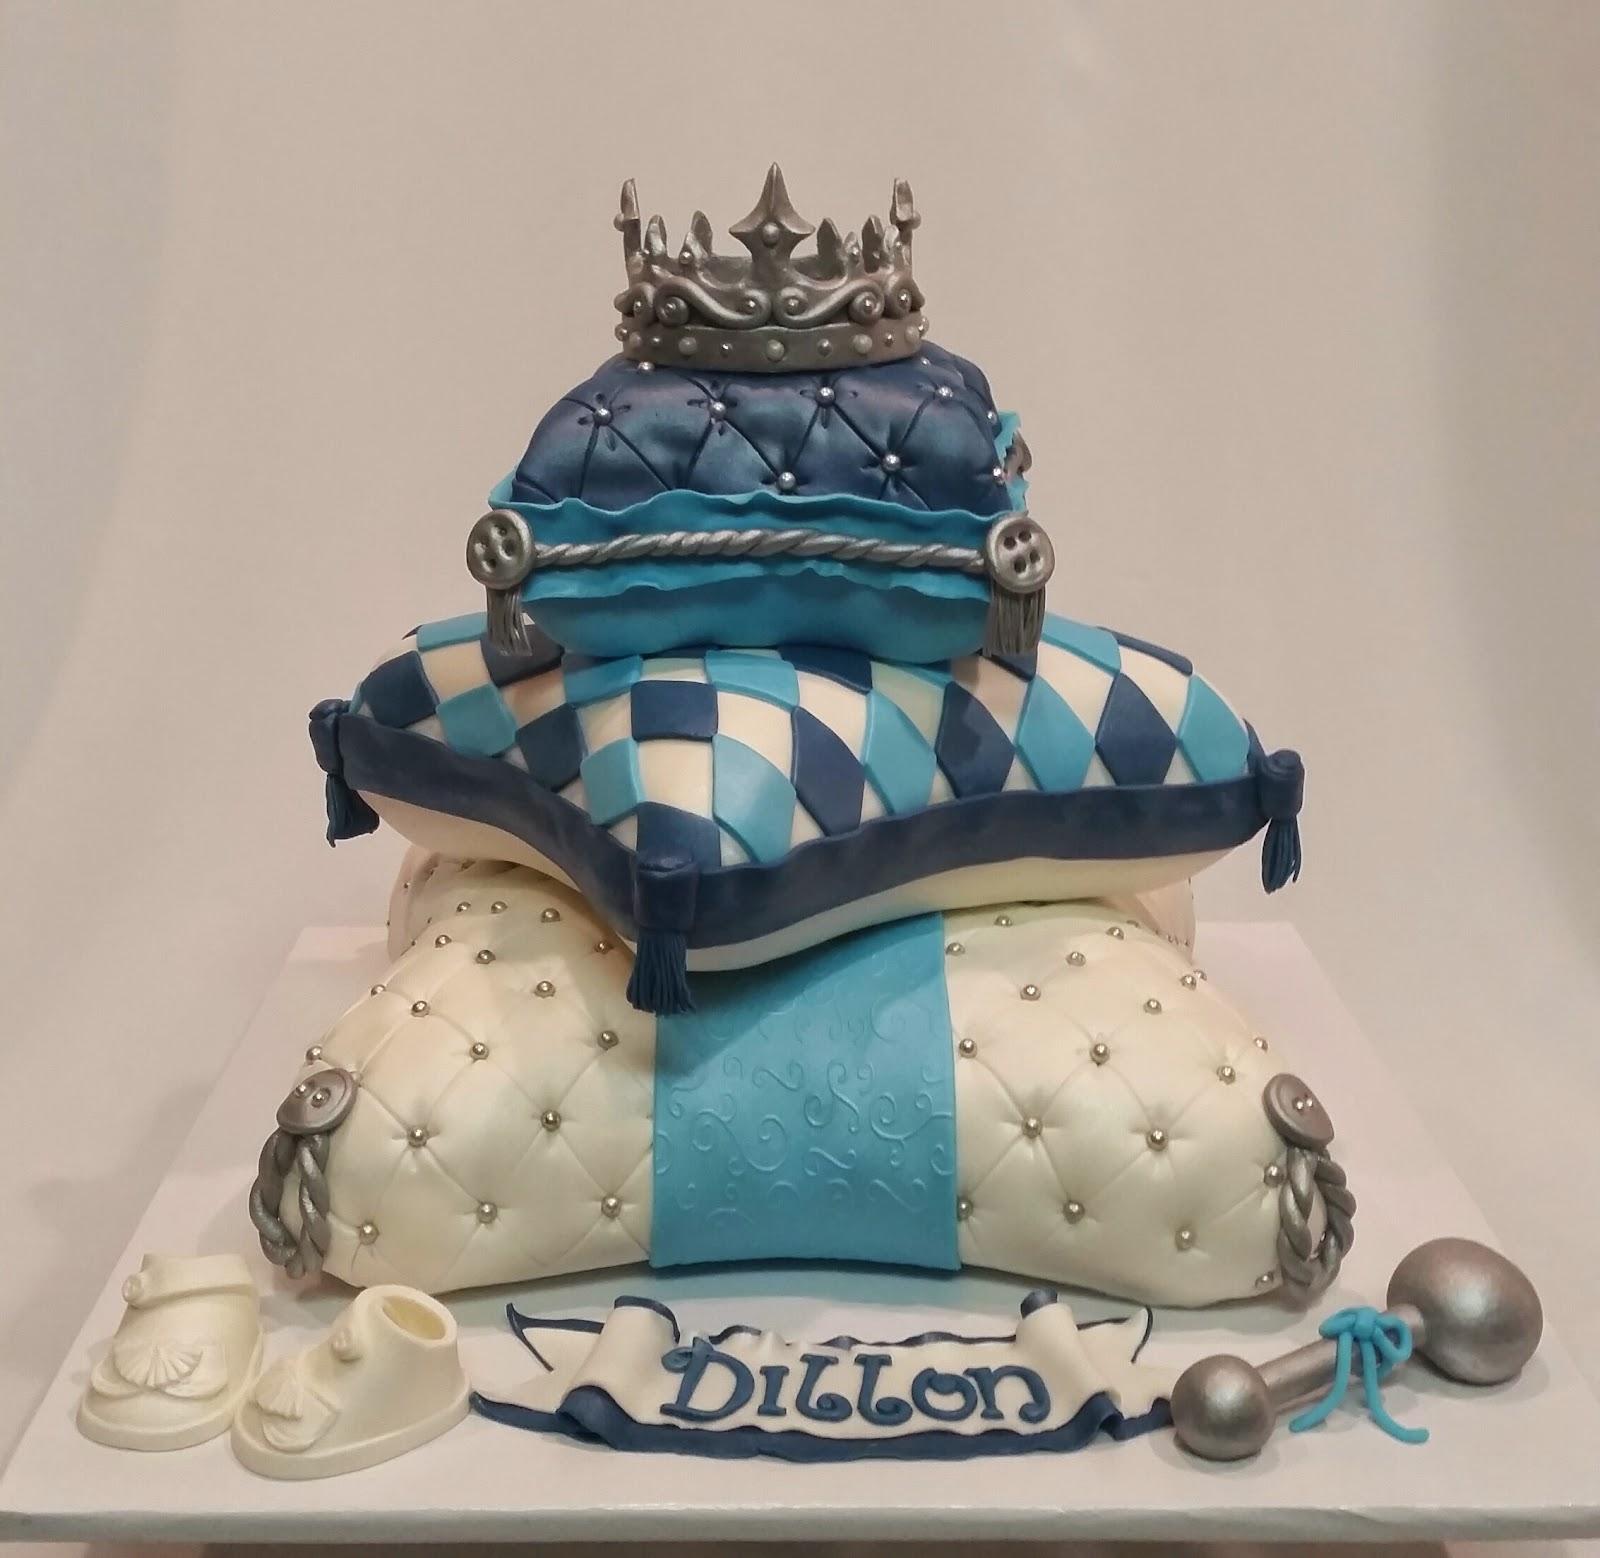 Crown Casino Birthday Cake